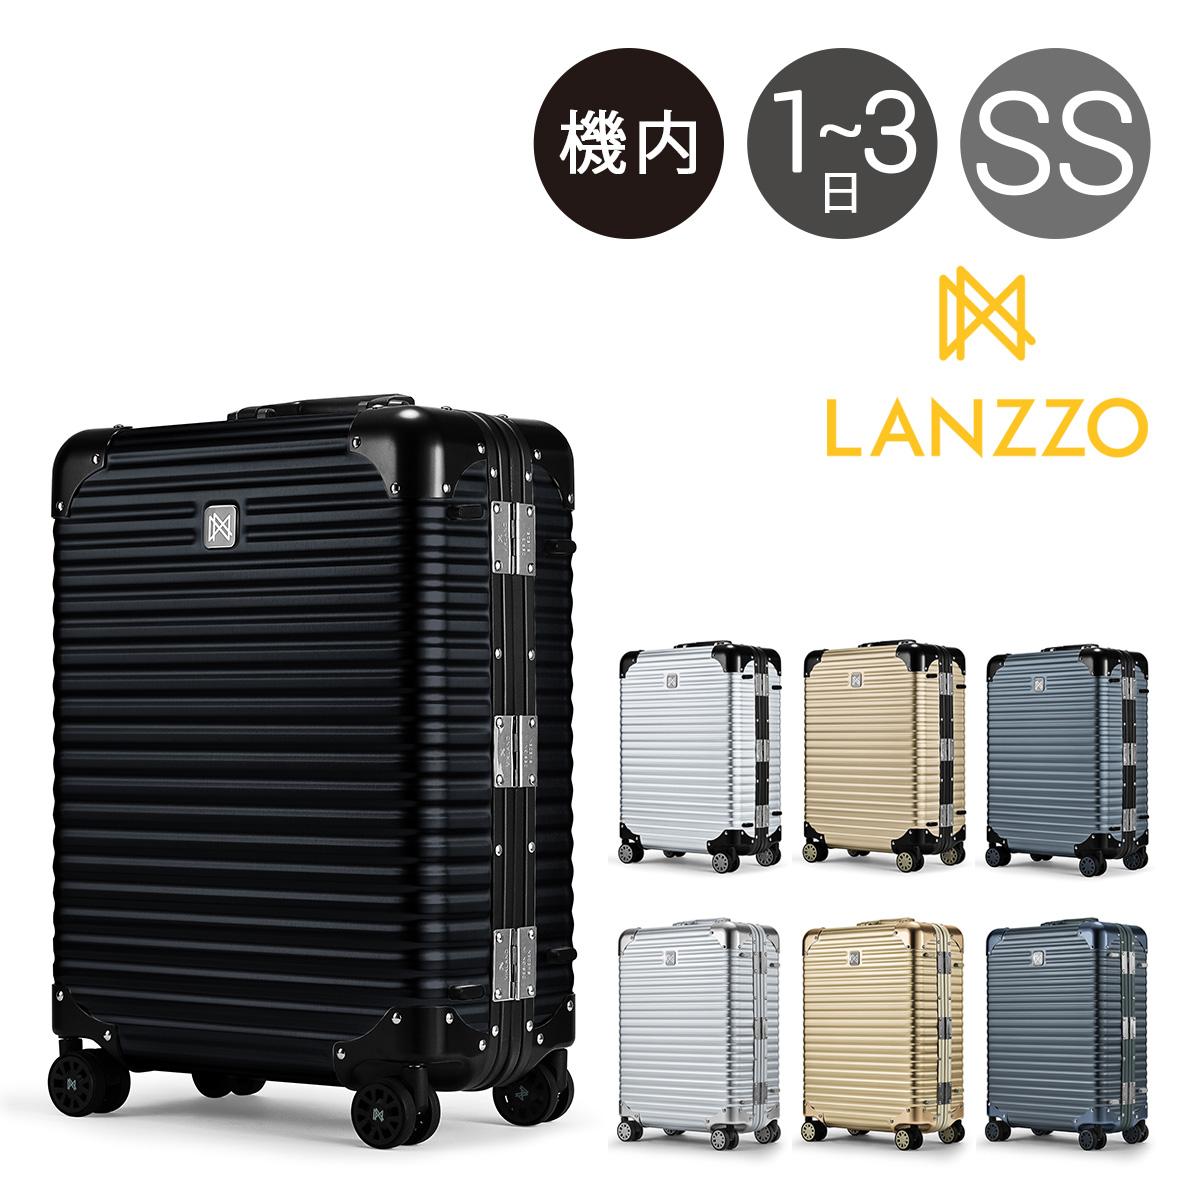 ランツォ スーツケース ノーマン 21インチ|機内持ち込み 34L 49cm 4.6kg|アルミニウム合金 5年保証 アルミ ハード フレーム TSAロック搭載 LANZZO [bef]